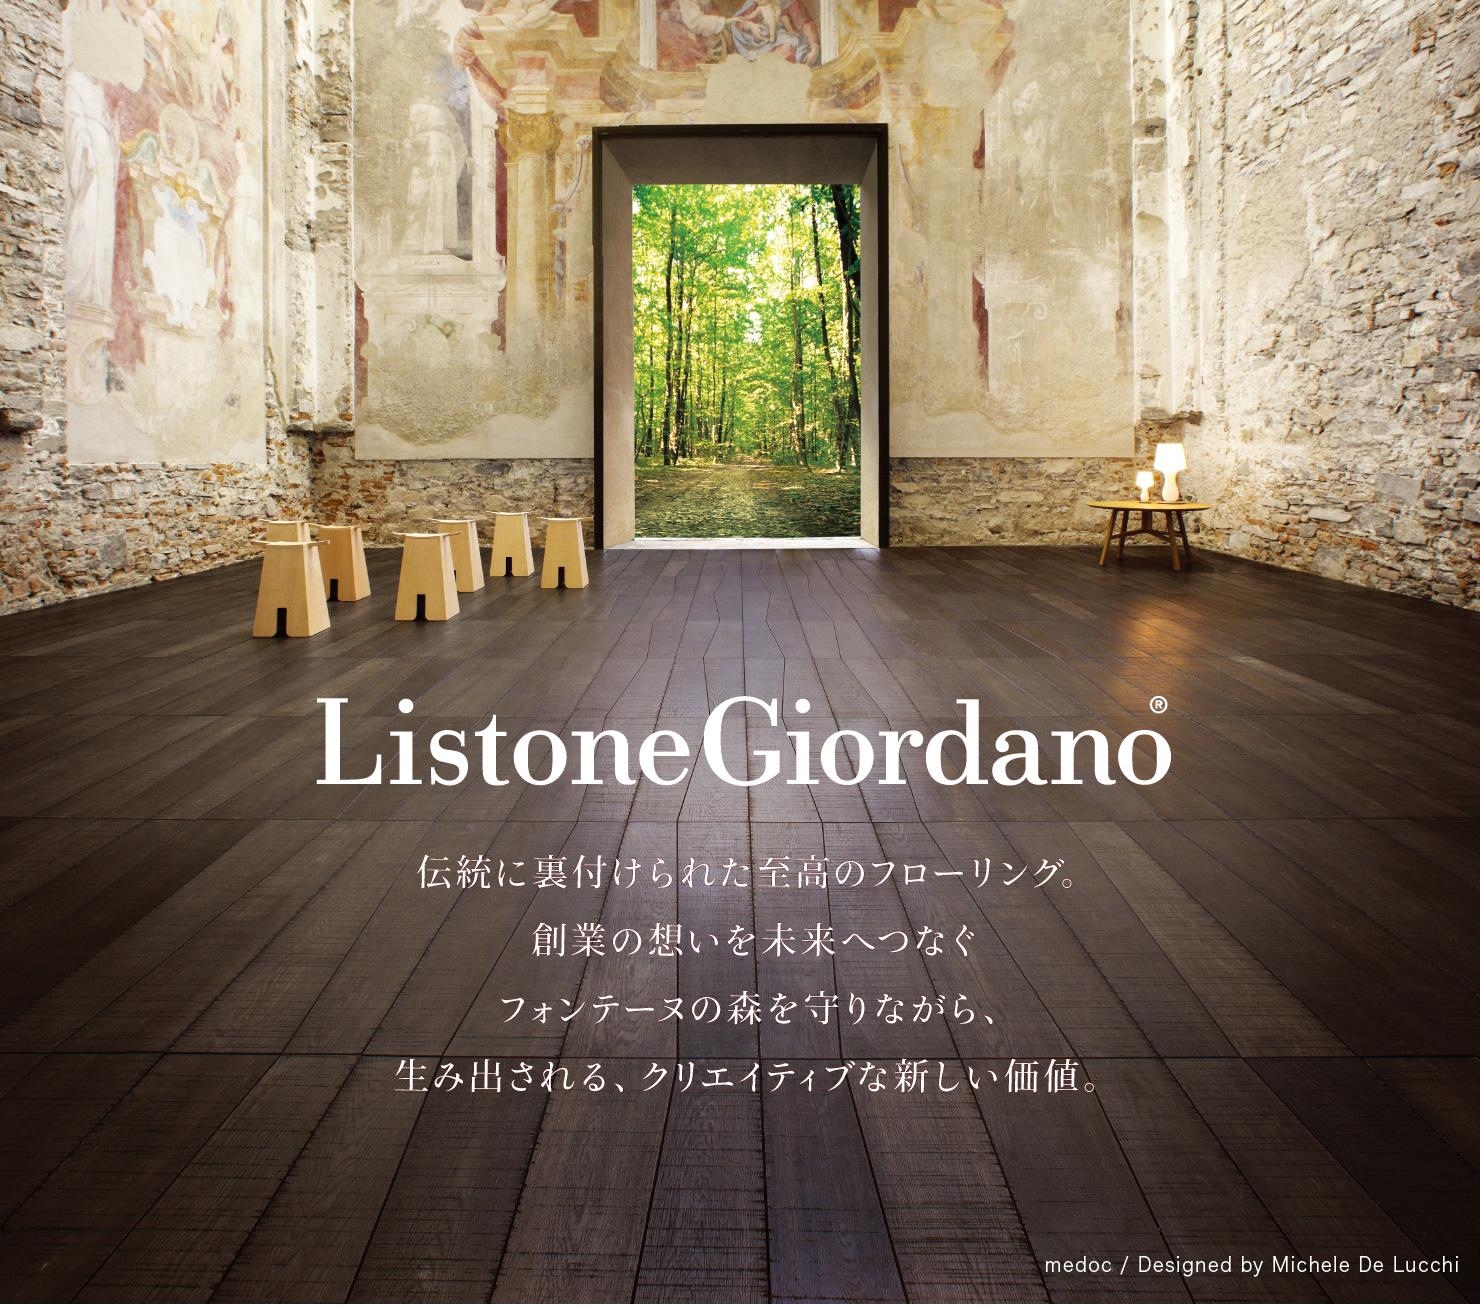 ListoneGiodano 伝統に裏付けられた至高のフローリング。創業の想いを未来へつなぐフォンテーヌの森を守りながら、生み出される、クリエイティブな新しい価値 medoc/Designed by Michele De Lucchi